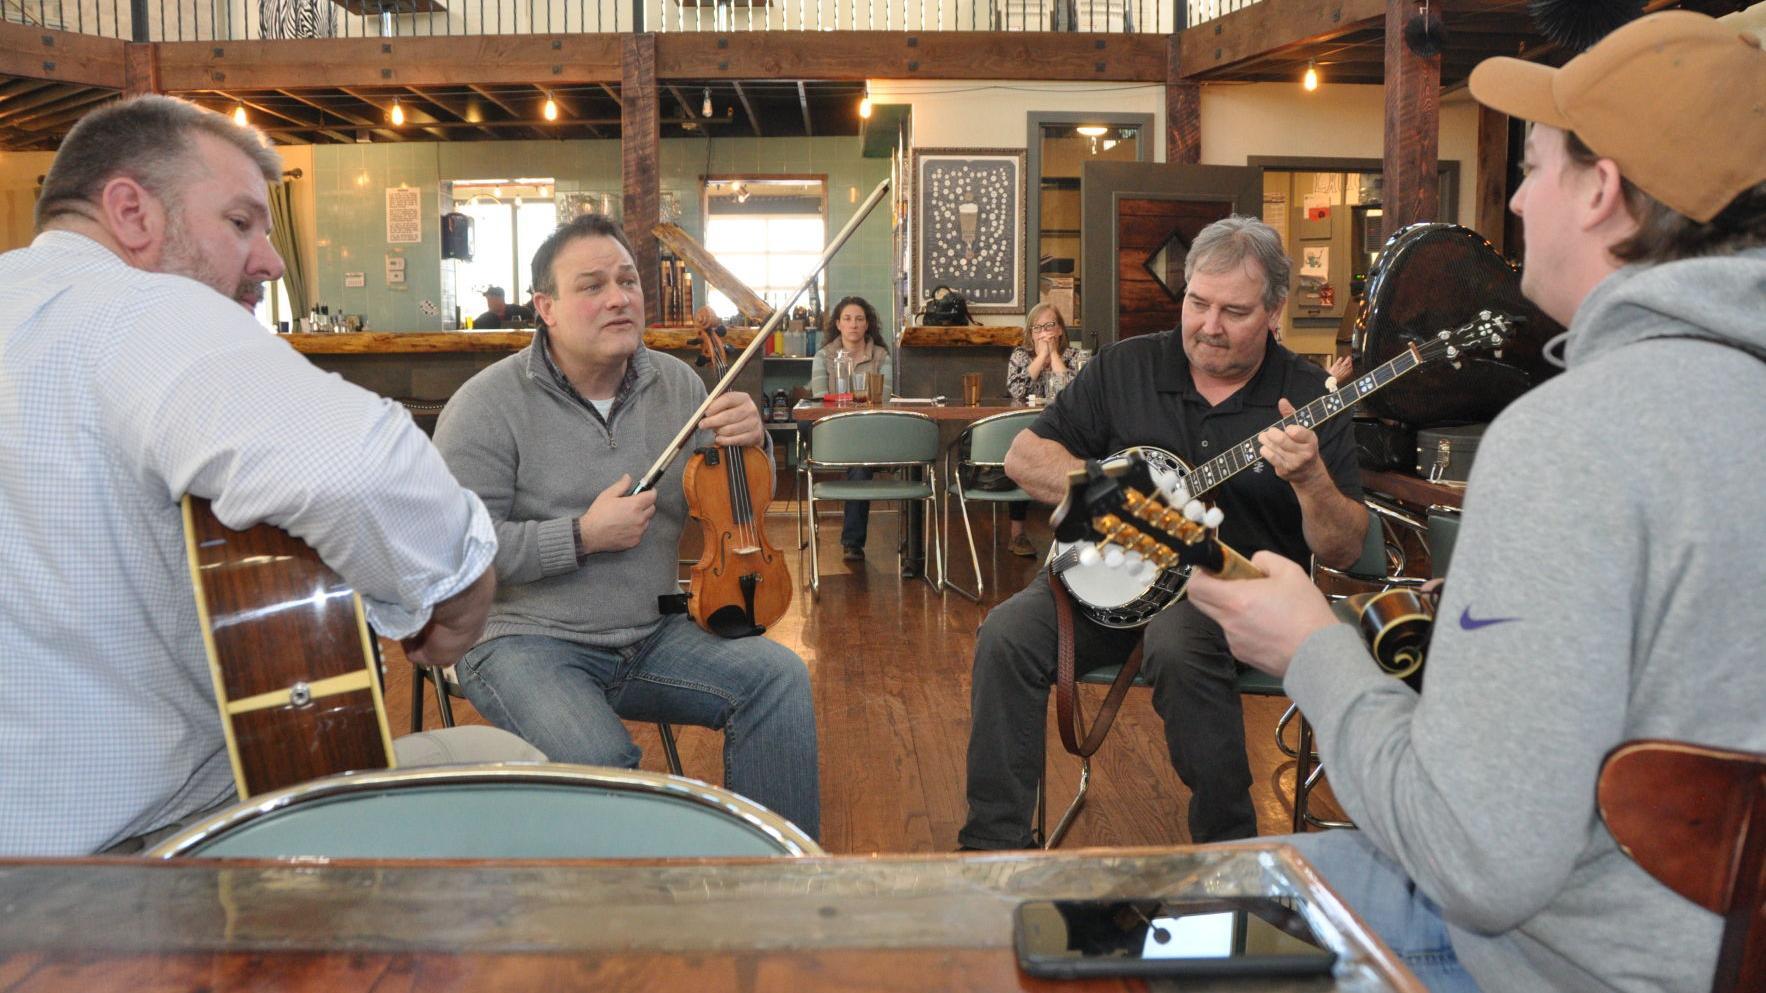 Bluegrass rehearsal